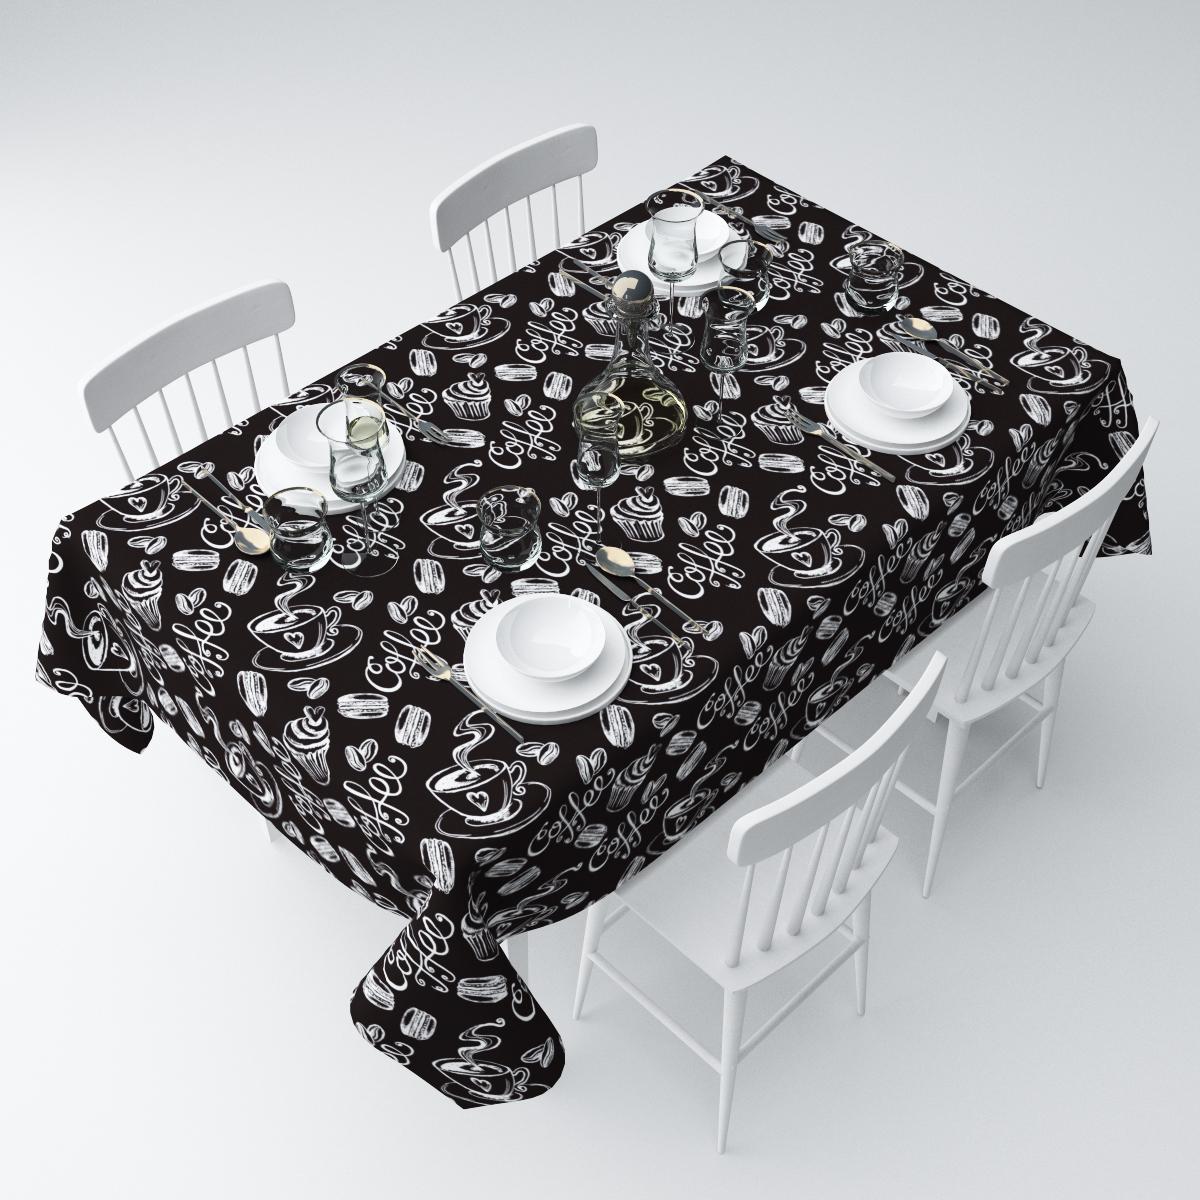 Скатерть Сирень Черный кофе, прямоугольная, 145 х 120 смСКГБ003-05233Скатерть Сирень с ярким и объемным рисунком преобразит Вашу кухню, визуально расширит пространство, создаст атмосферу радости и комфорта. Размеры: 145х120 Рекомендации по уходу: стирка при 30 градусах гладить при температуре до 110 градусов Изображение на мониторе может немного отличаться от реального.